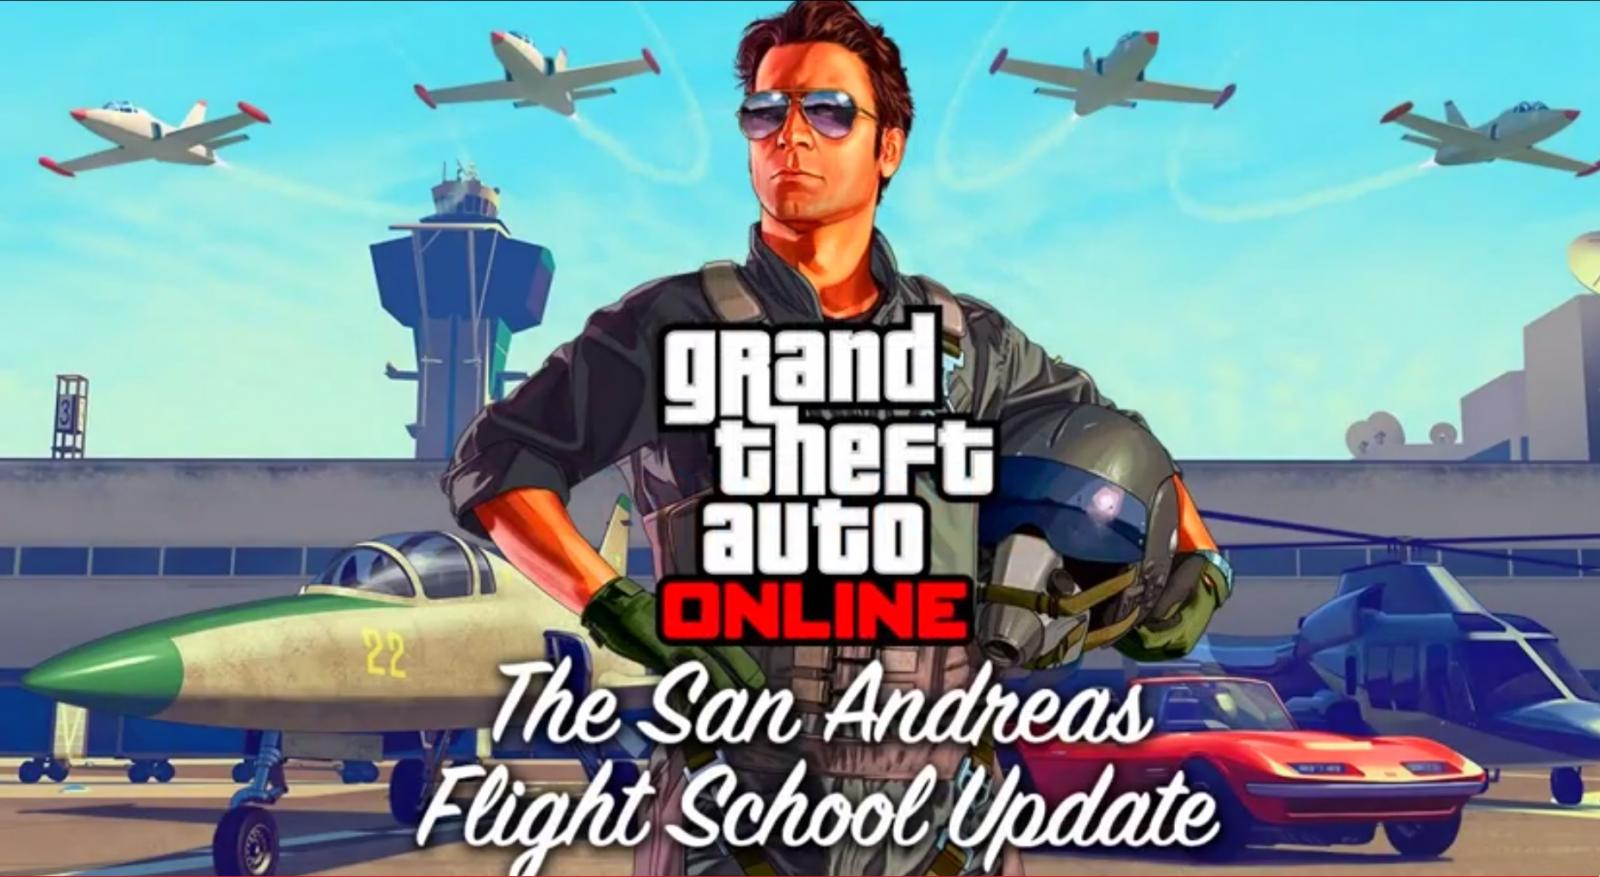 gta v online update